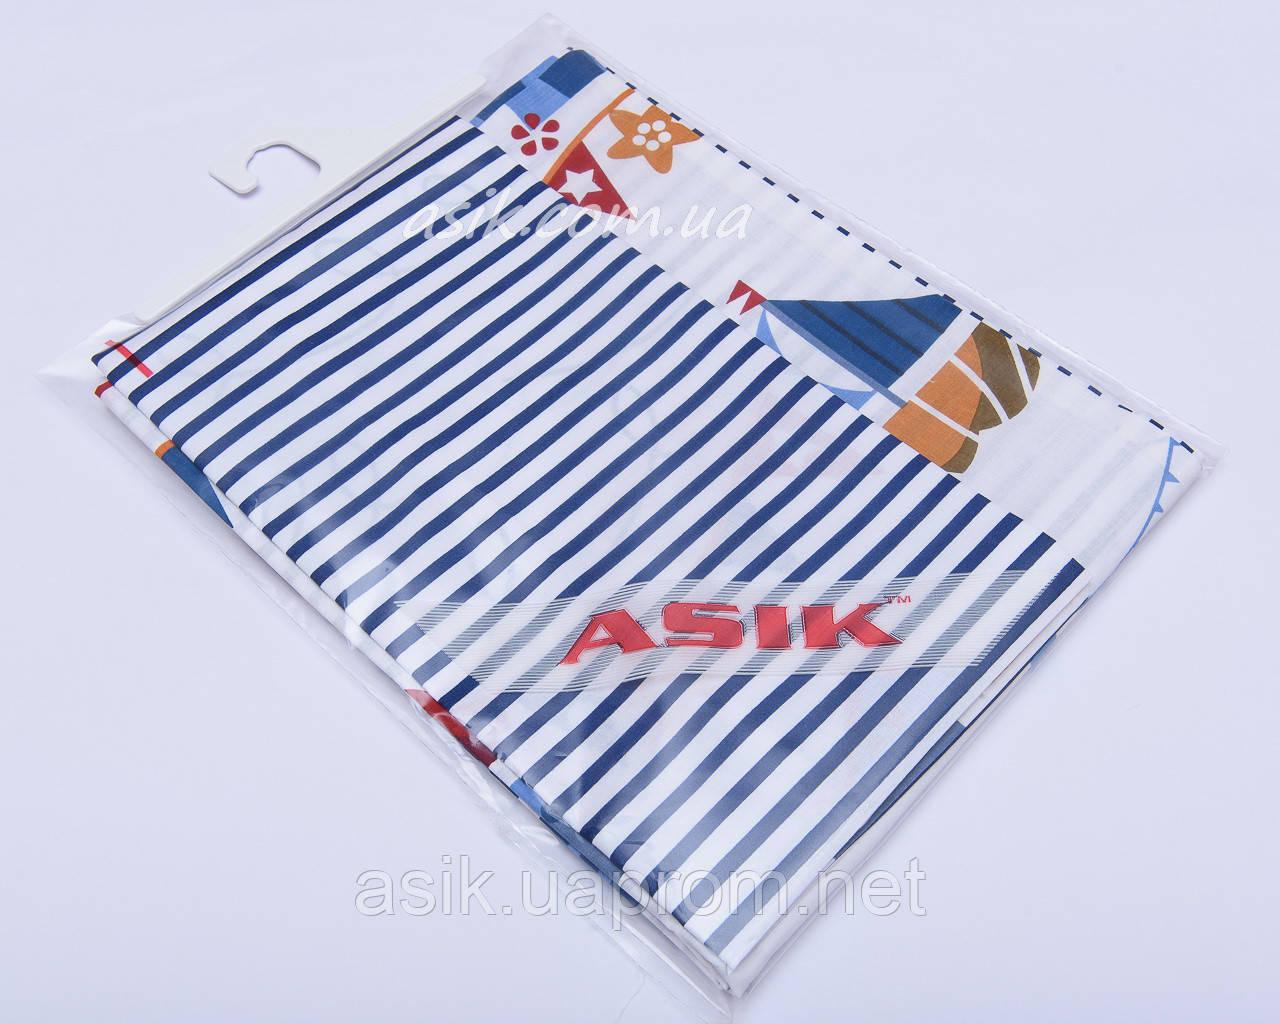 Наволочка та підковдра Asik Синя смужка і кораблики 2 предмета (2-004)